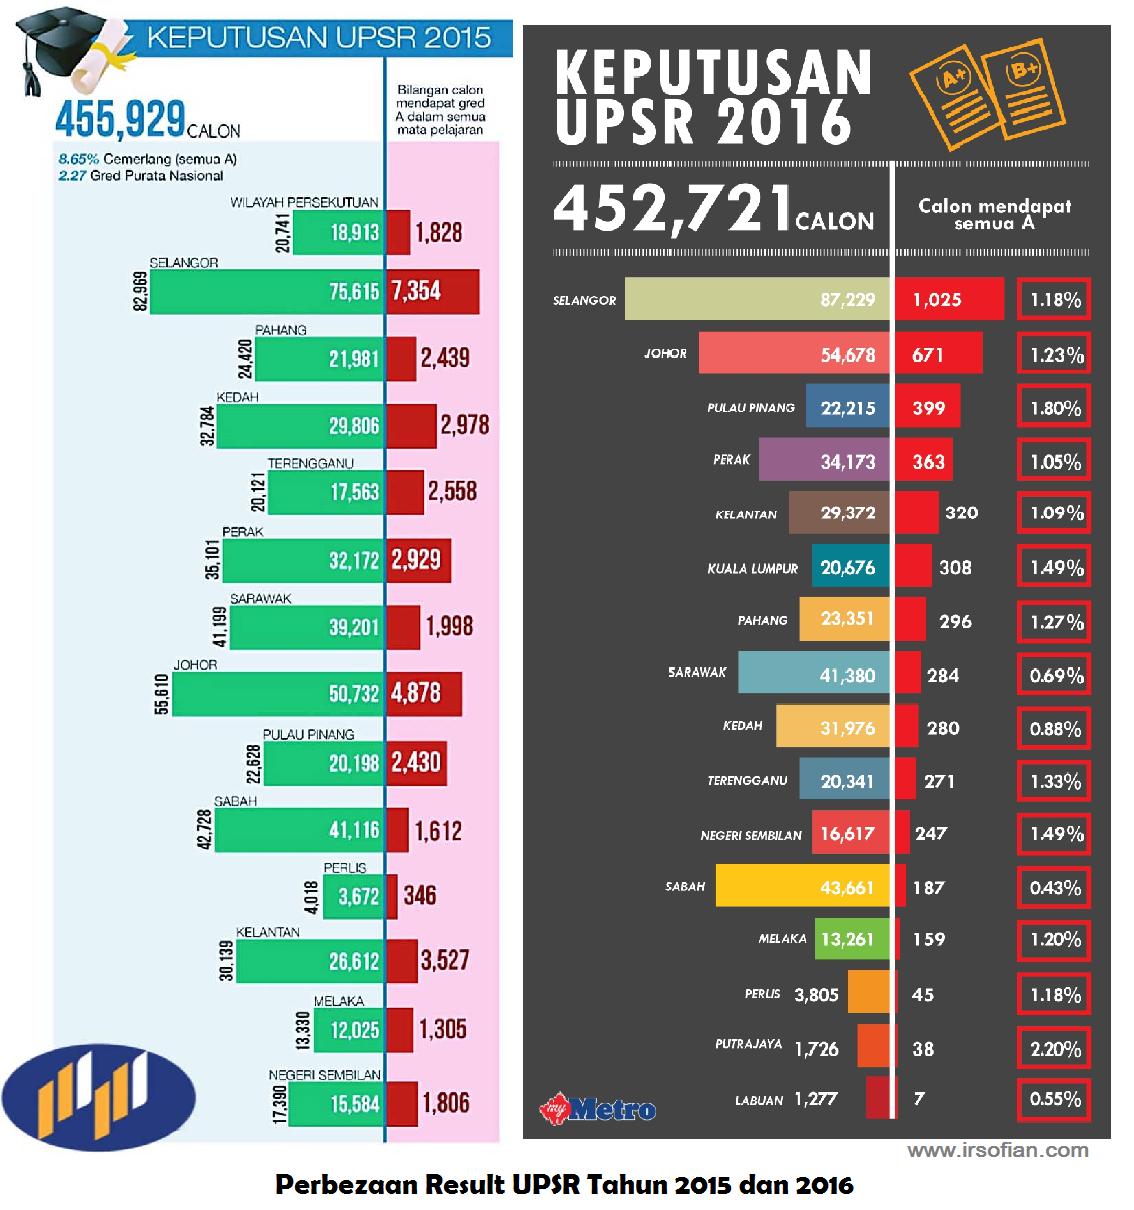 ir-sofian-akademi-jl-perbezaan-peratusan-result-upsr-tahun-2015-dan-2016